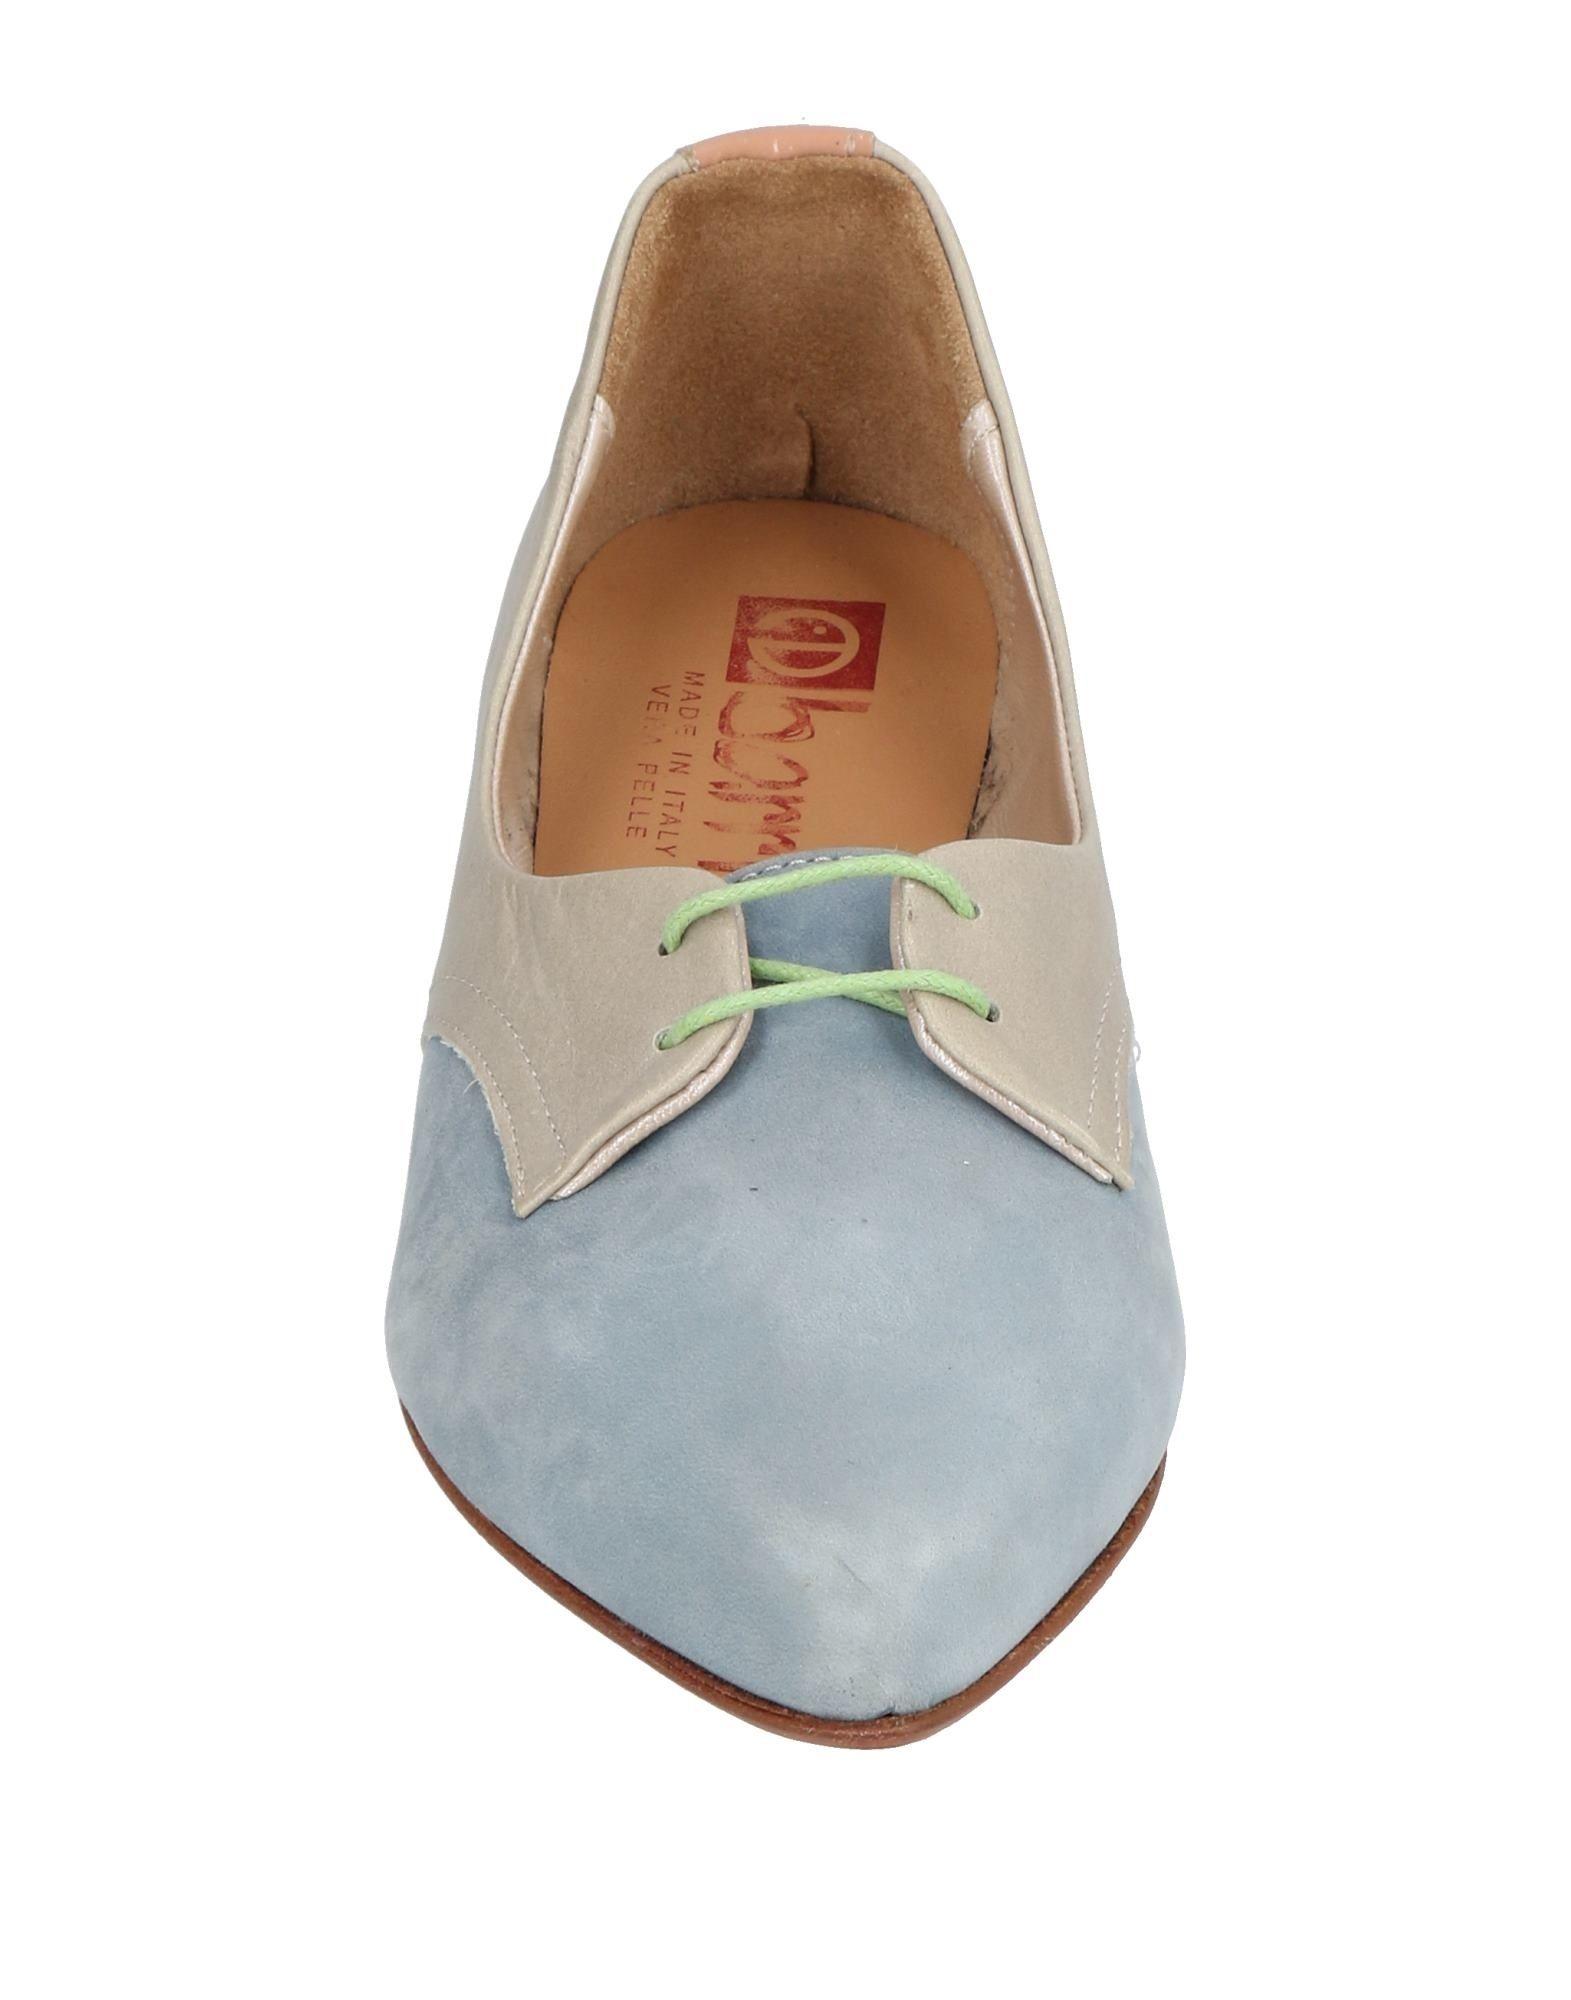 Ebarrito Damen Schnürschuhe Damen Ebarrito  11458773MN Gute Qualität beliebte Schuhe 6da2ef